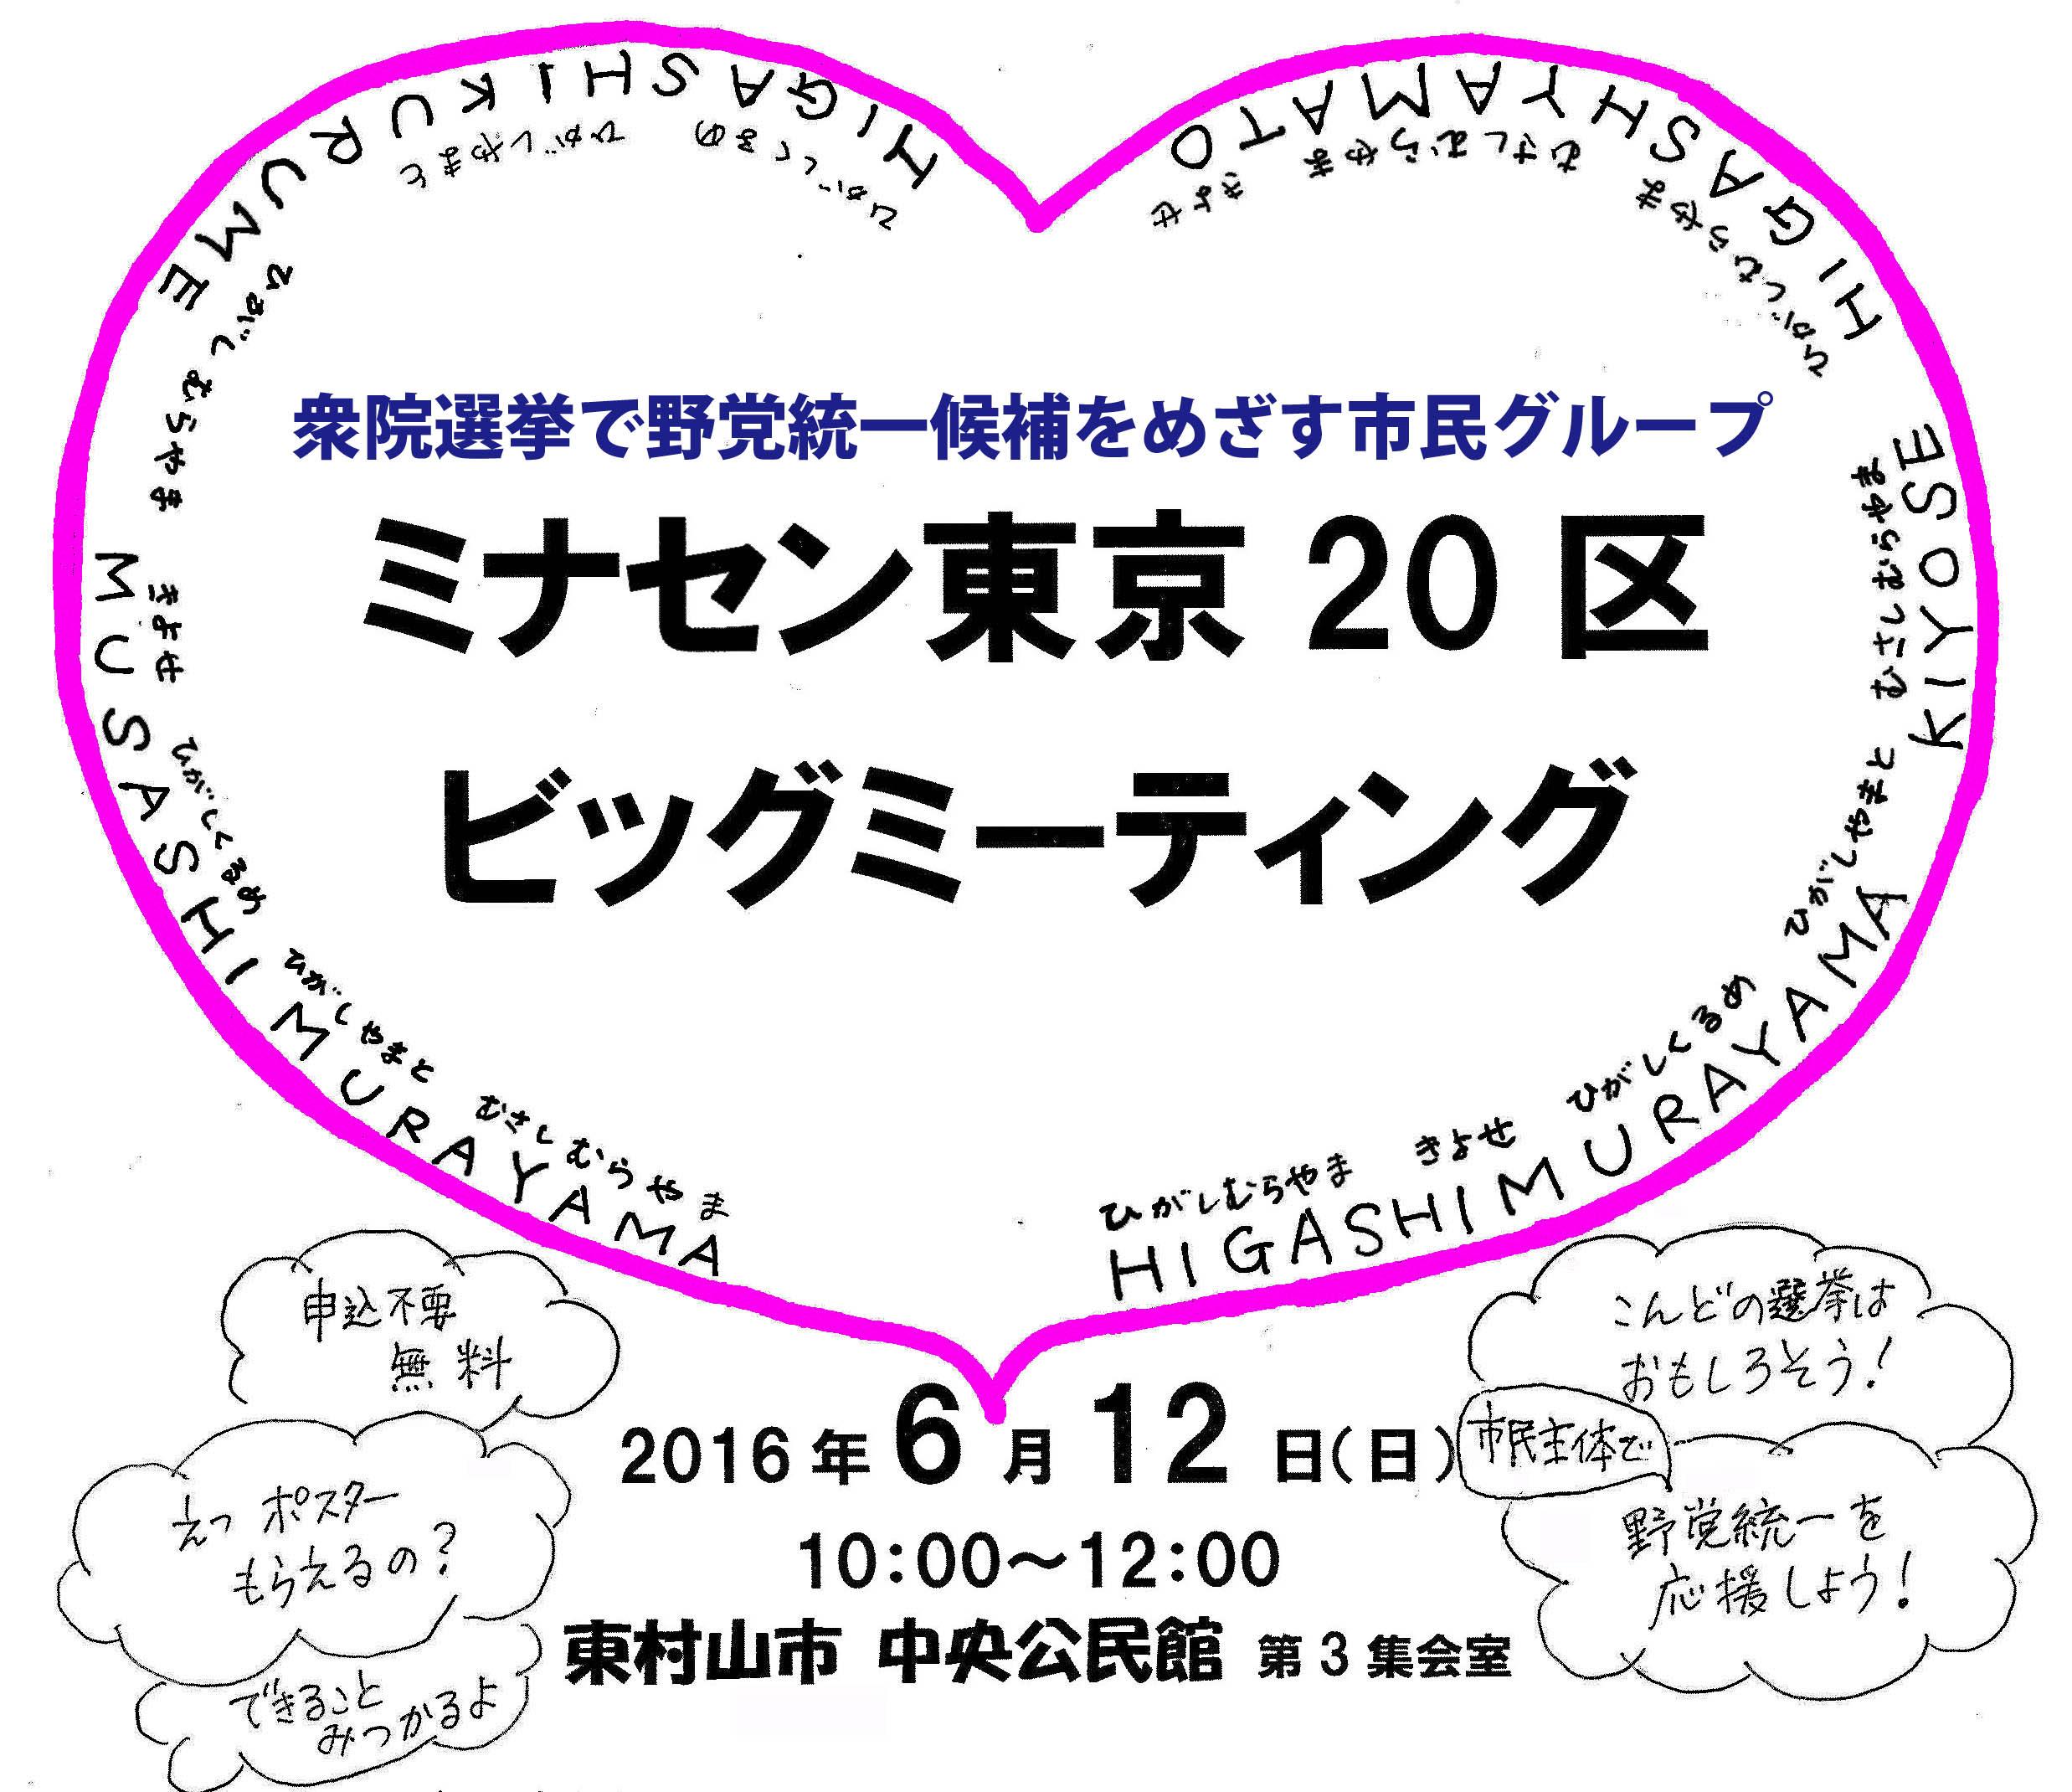 MINASENN20160612-2.jpg